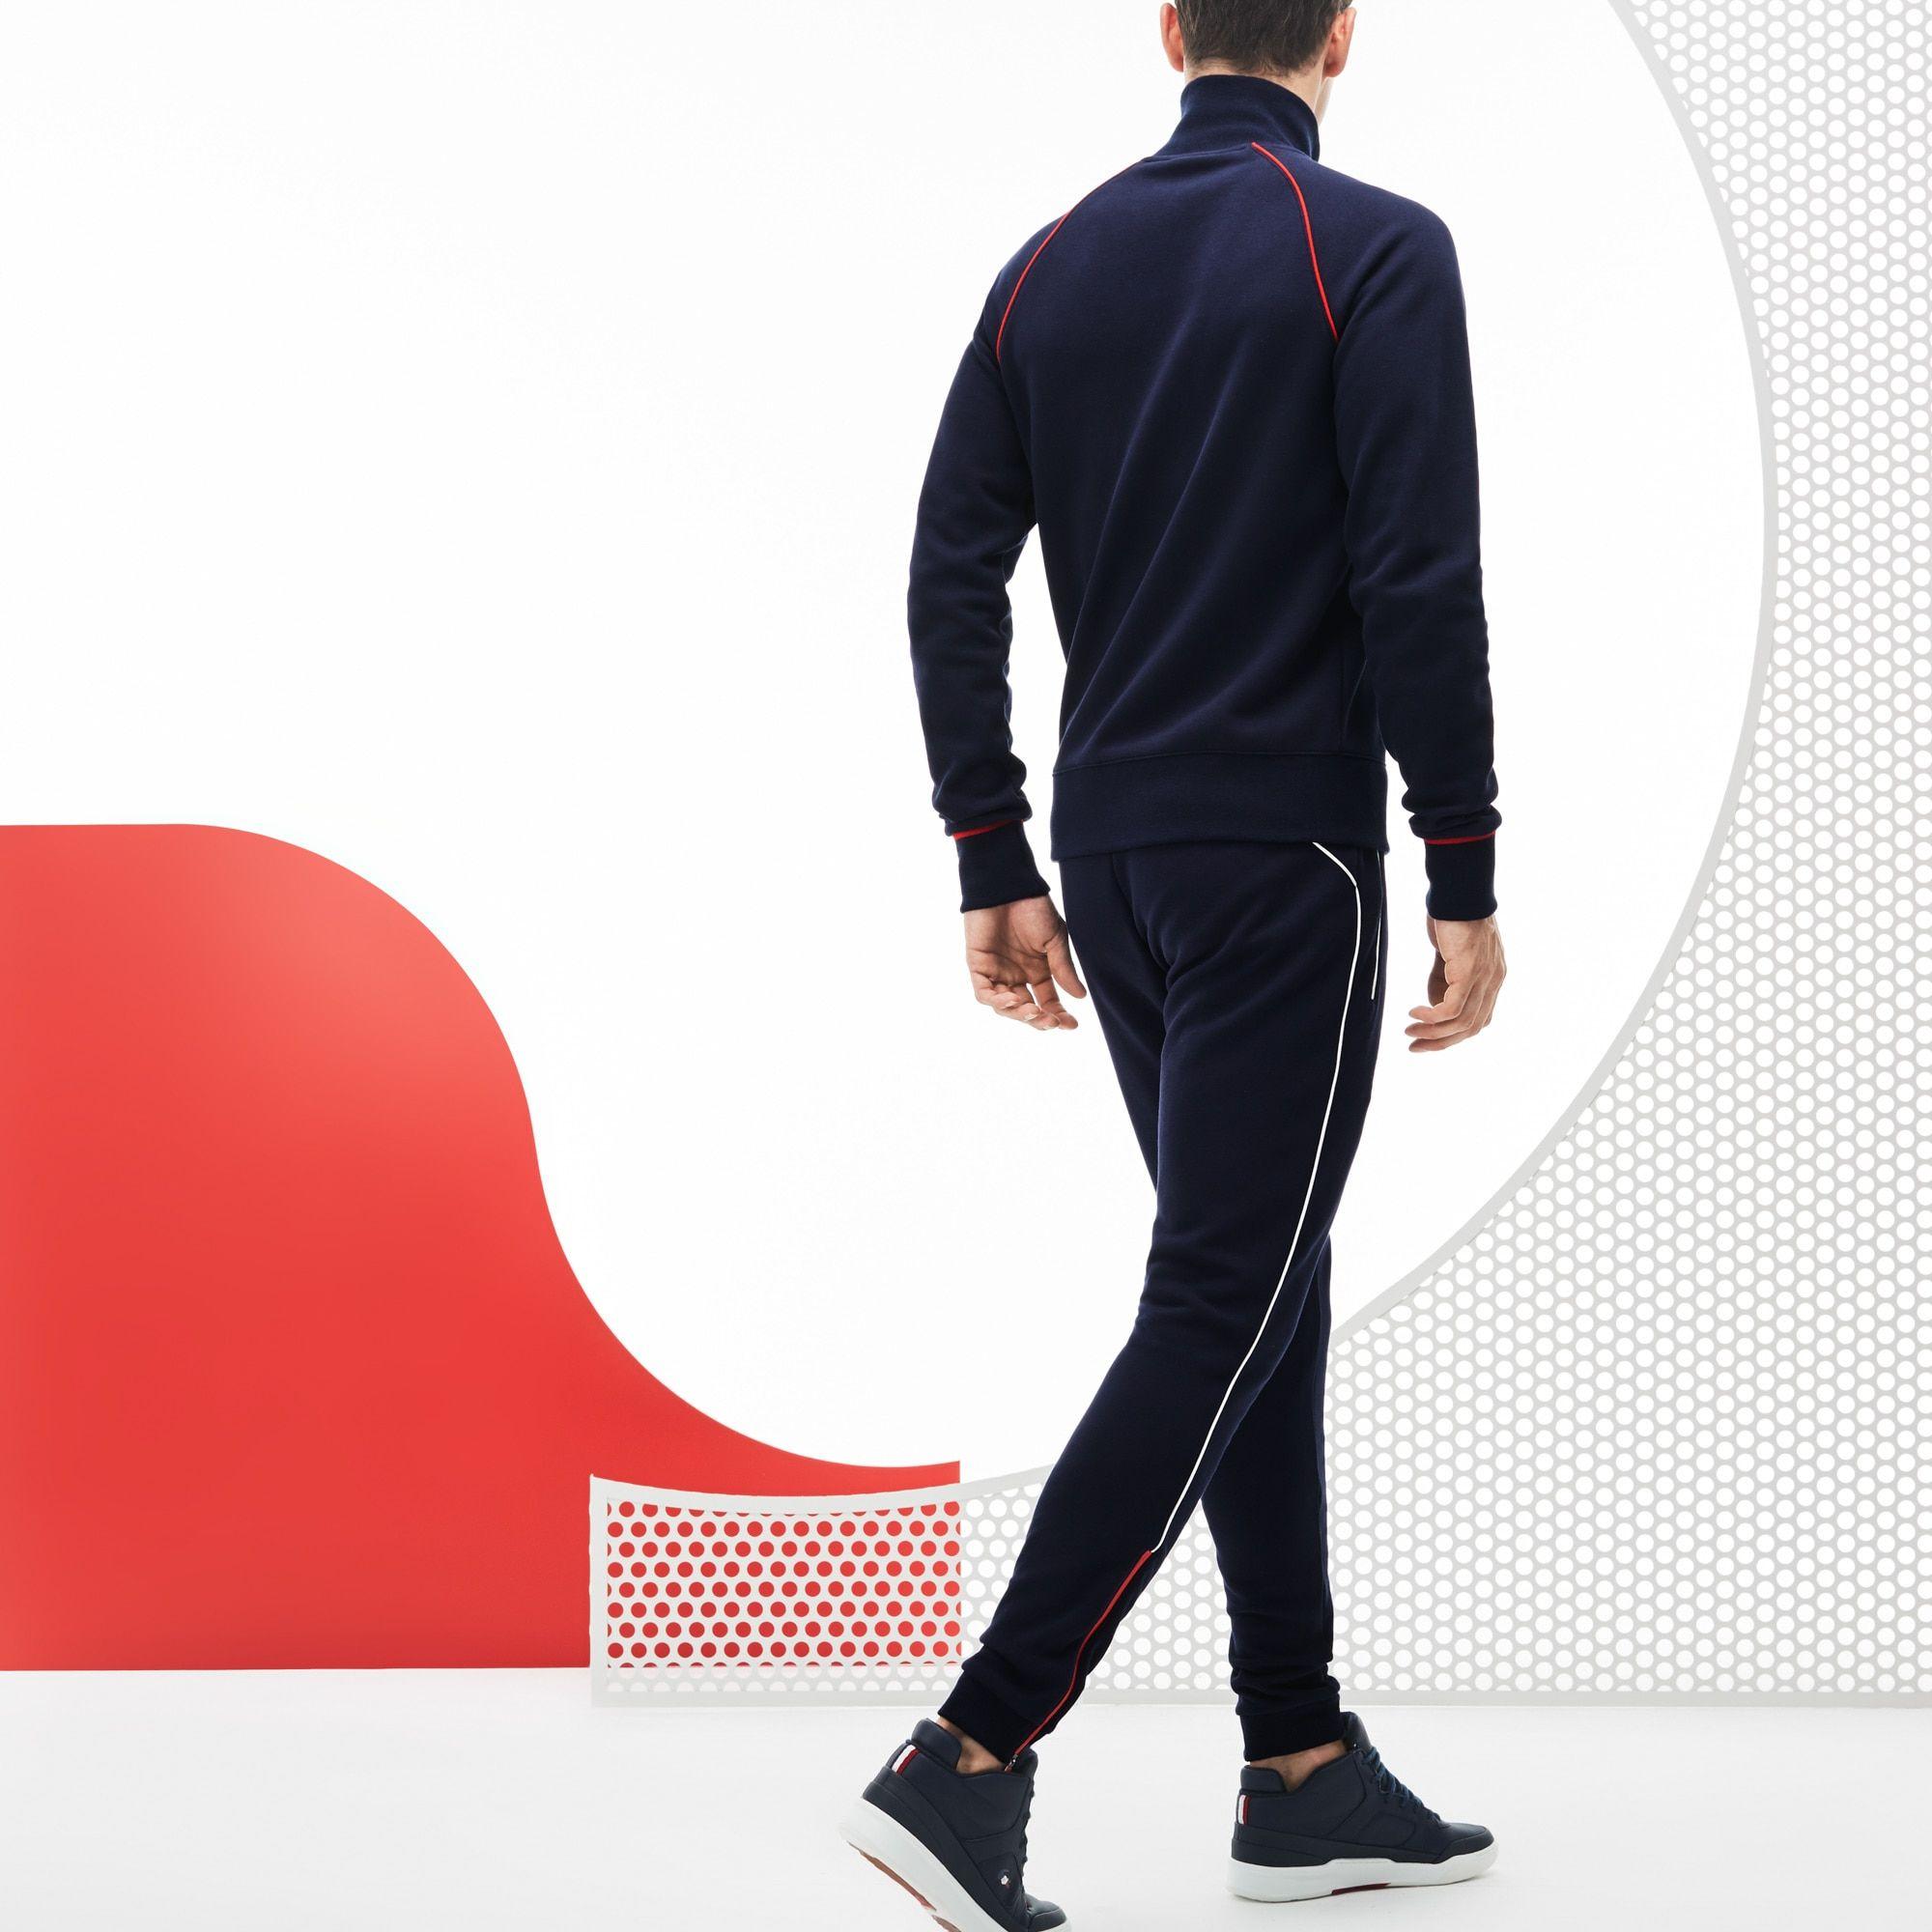 e5158545f6 Pantalon de survêtement Lacoste SPORT en molleton Collection France  Olympique | LACOSTE